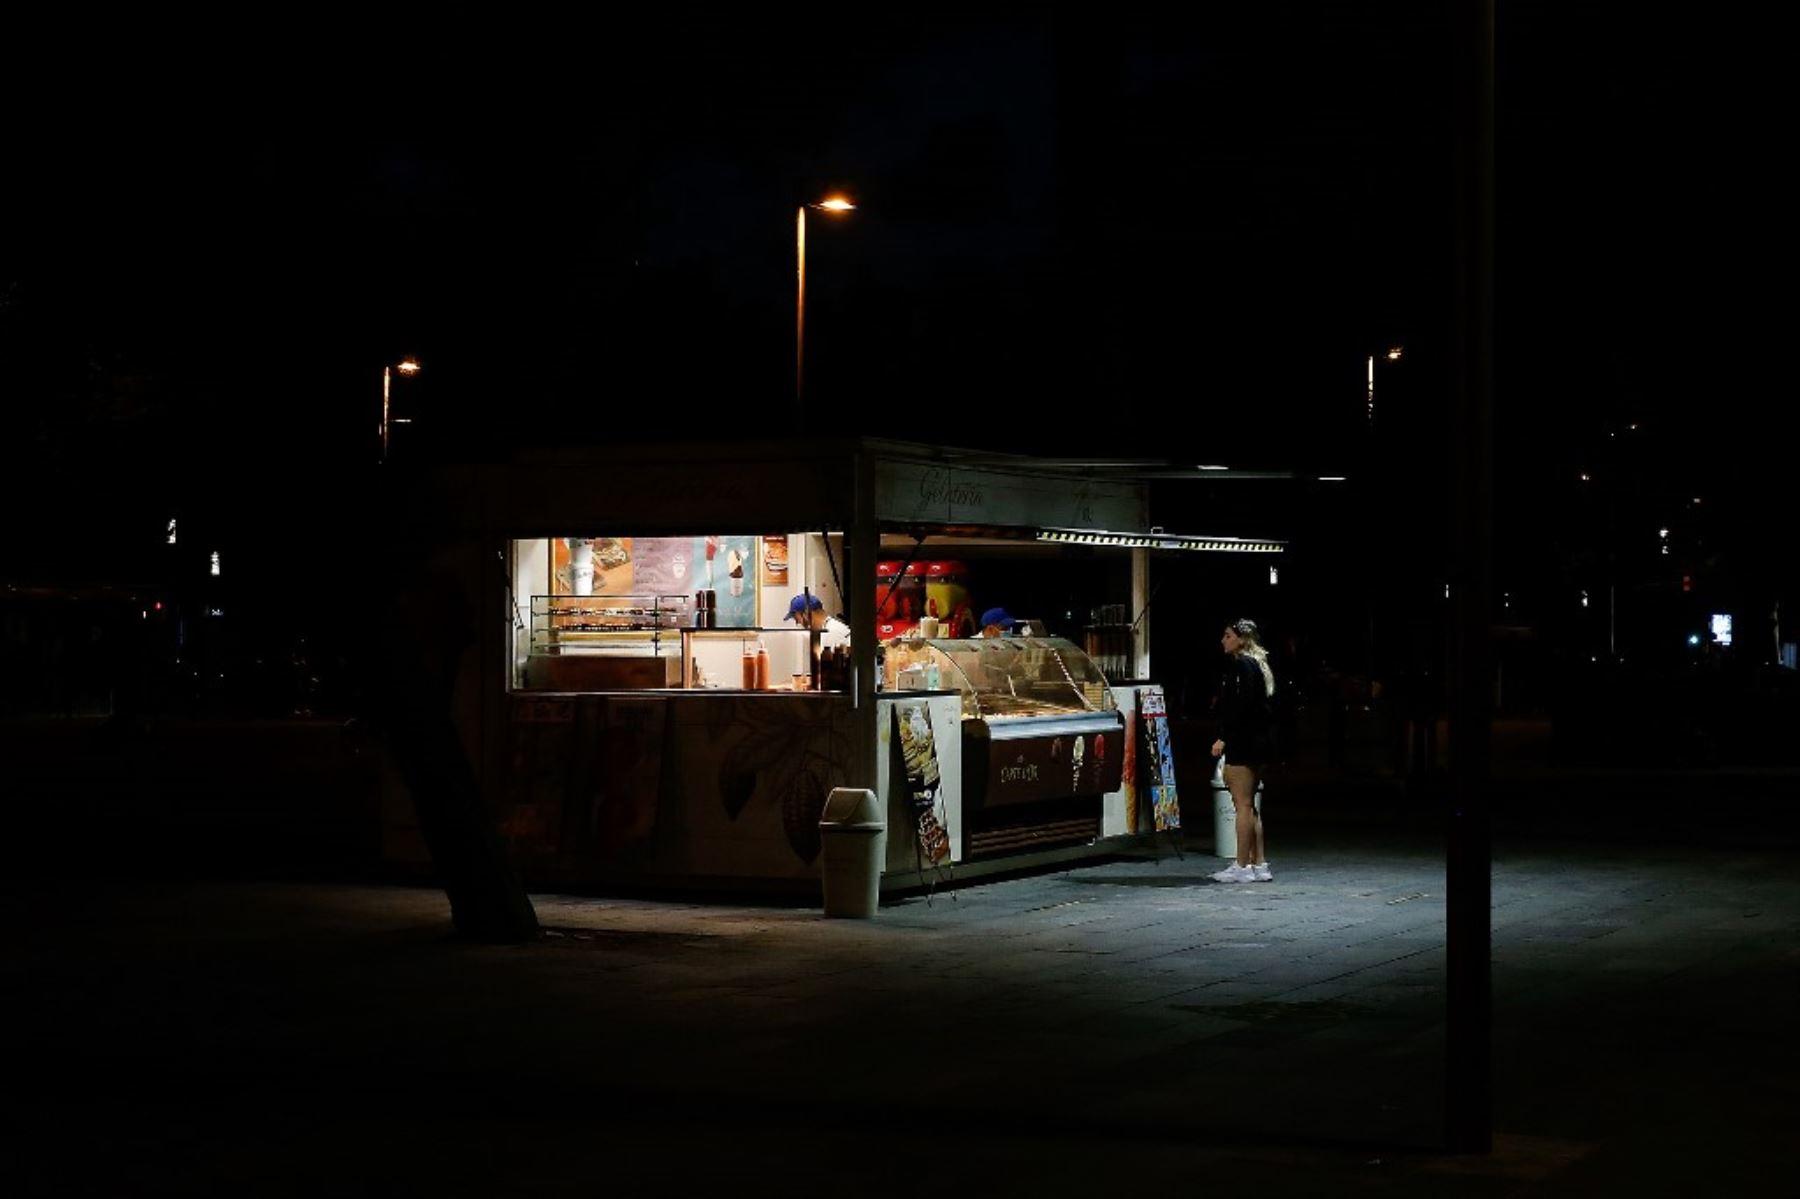 Una mujer compra helado en un puesto en la playa de la Barceloneta en Barcelona. Foto: AFP